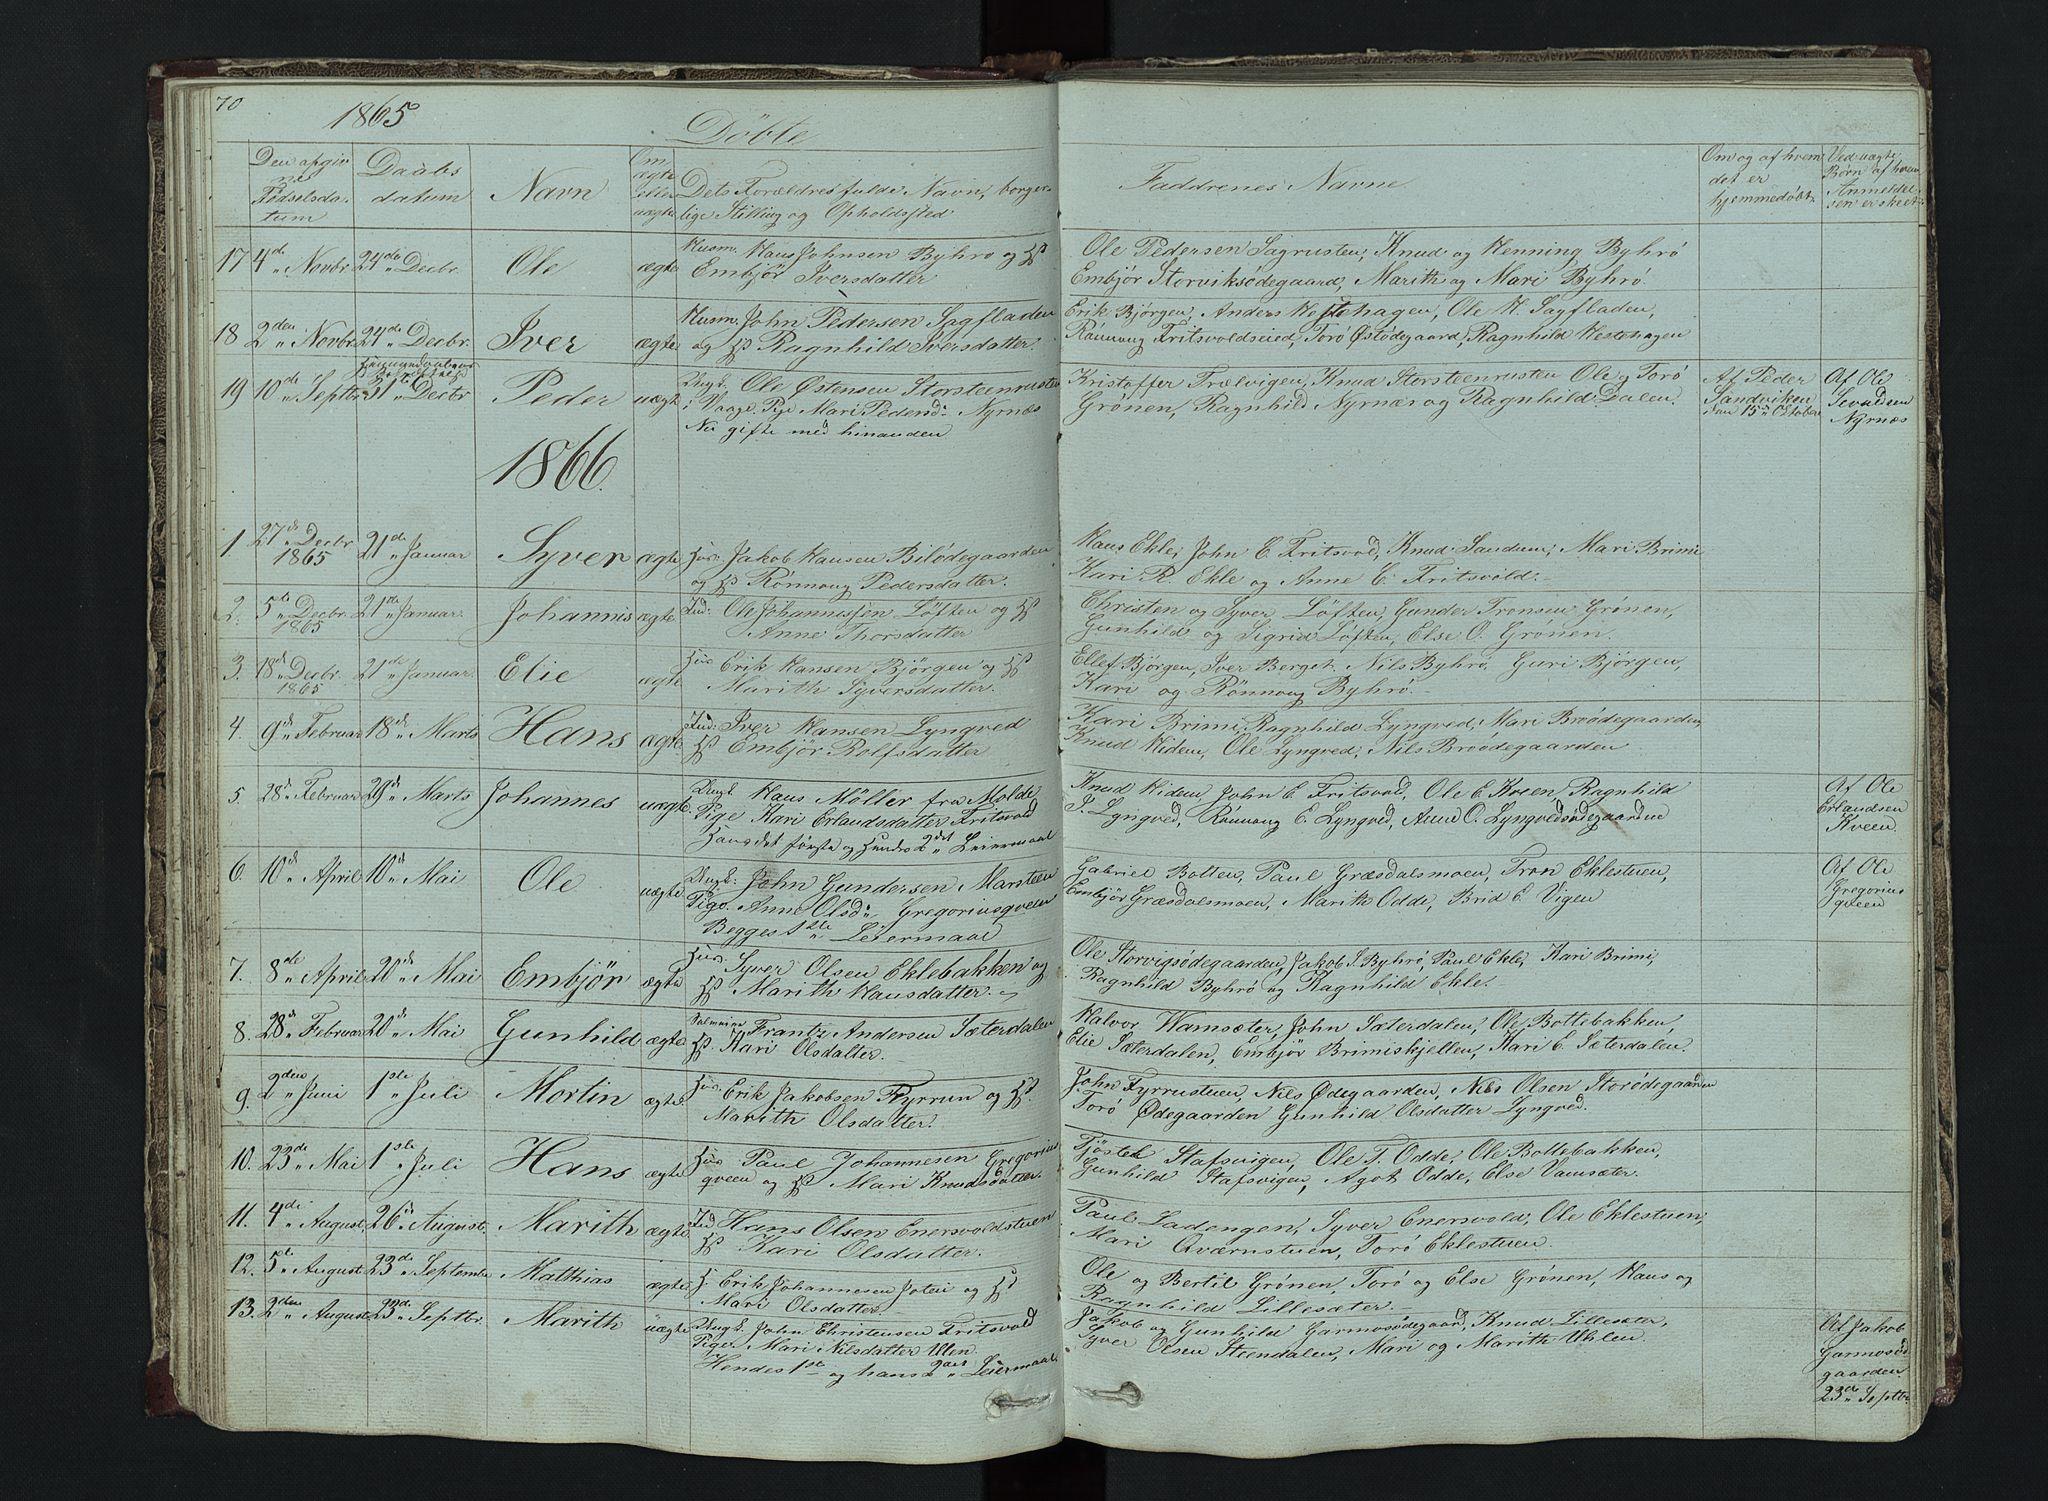 SAH, Lom prestekontor, L/L0014: Klokkerbok nr. 14, 1845-1876, s. 70-71